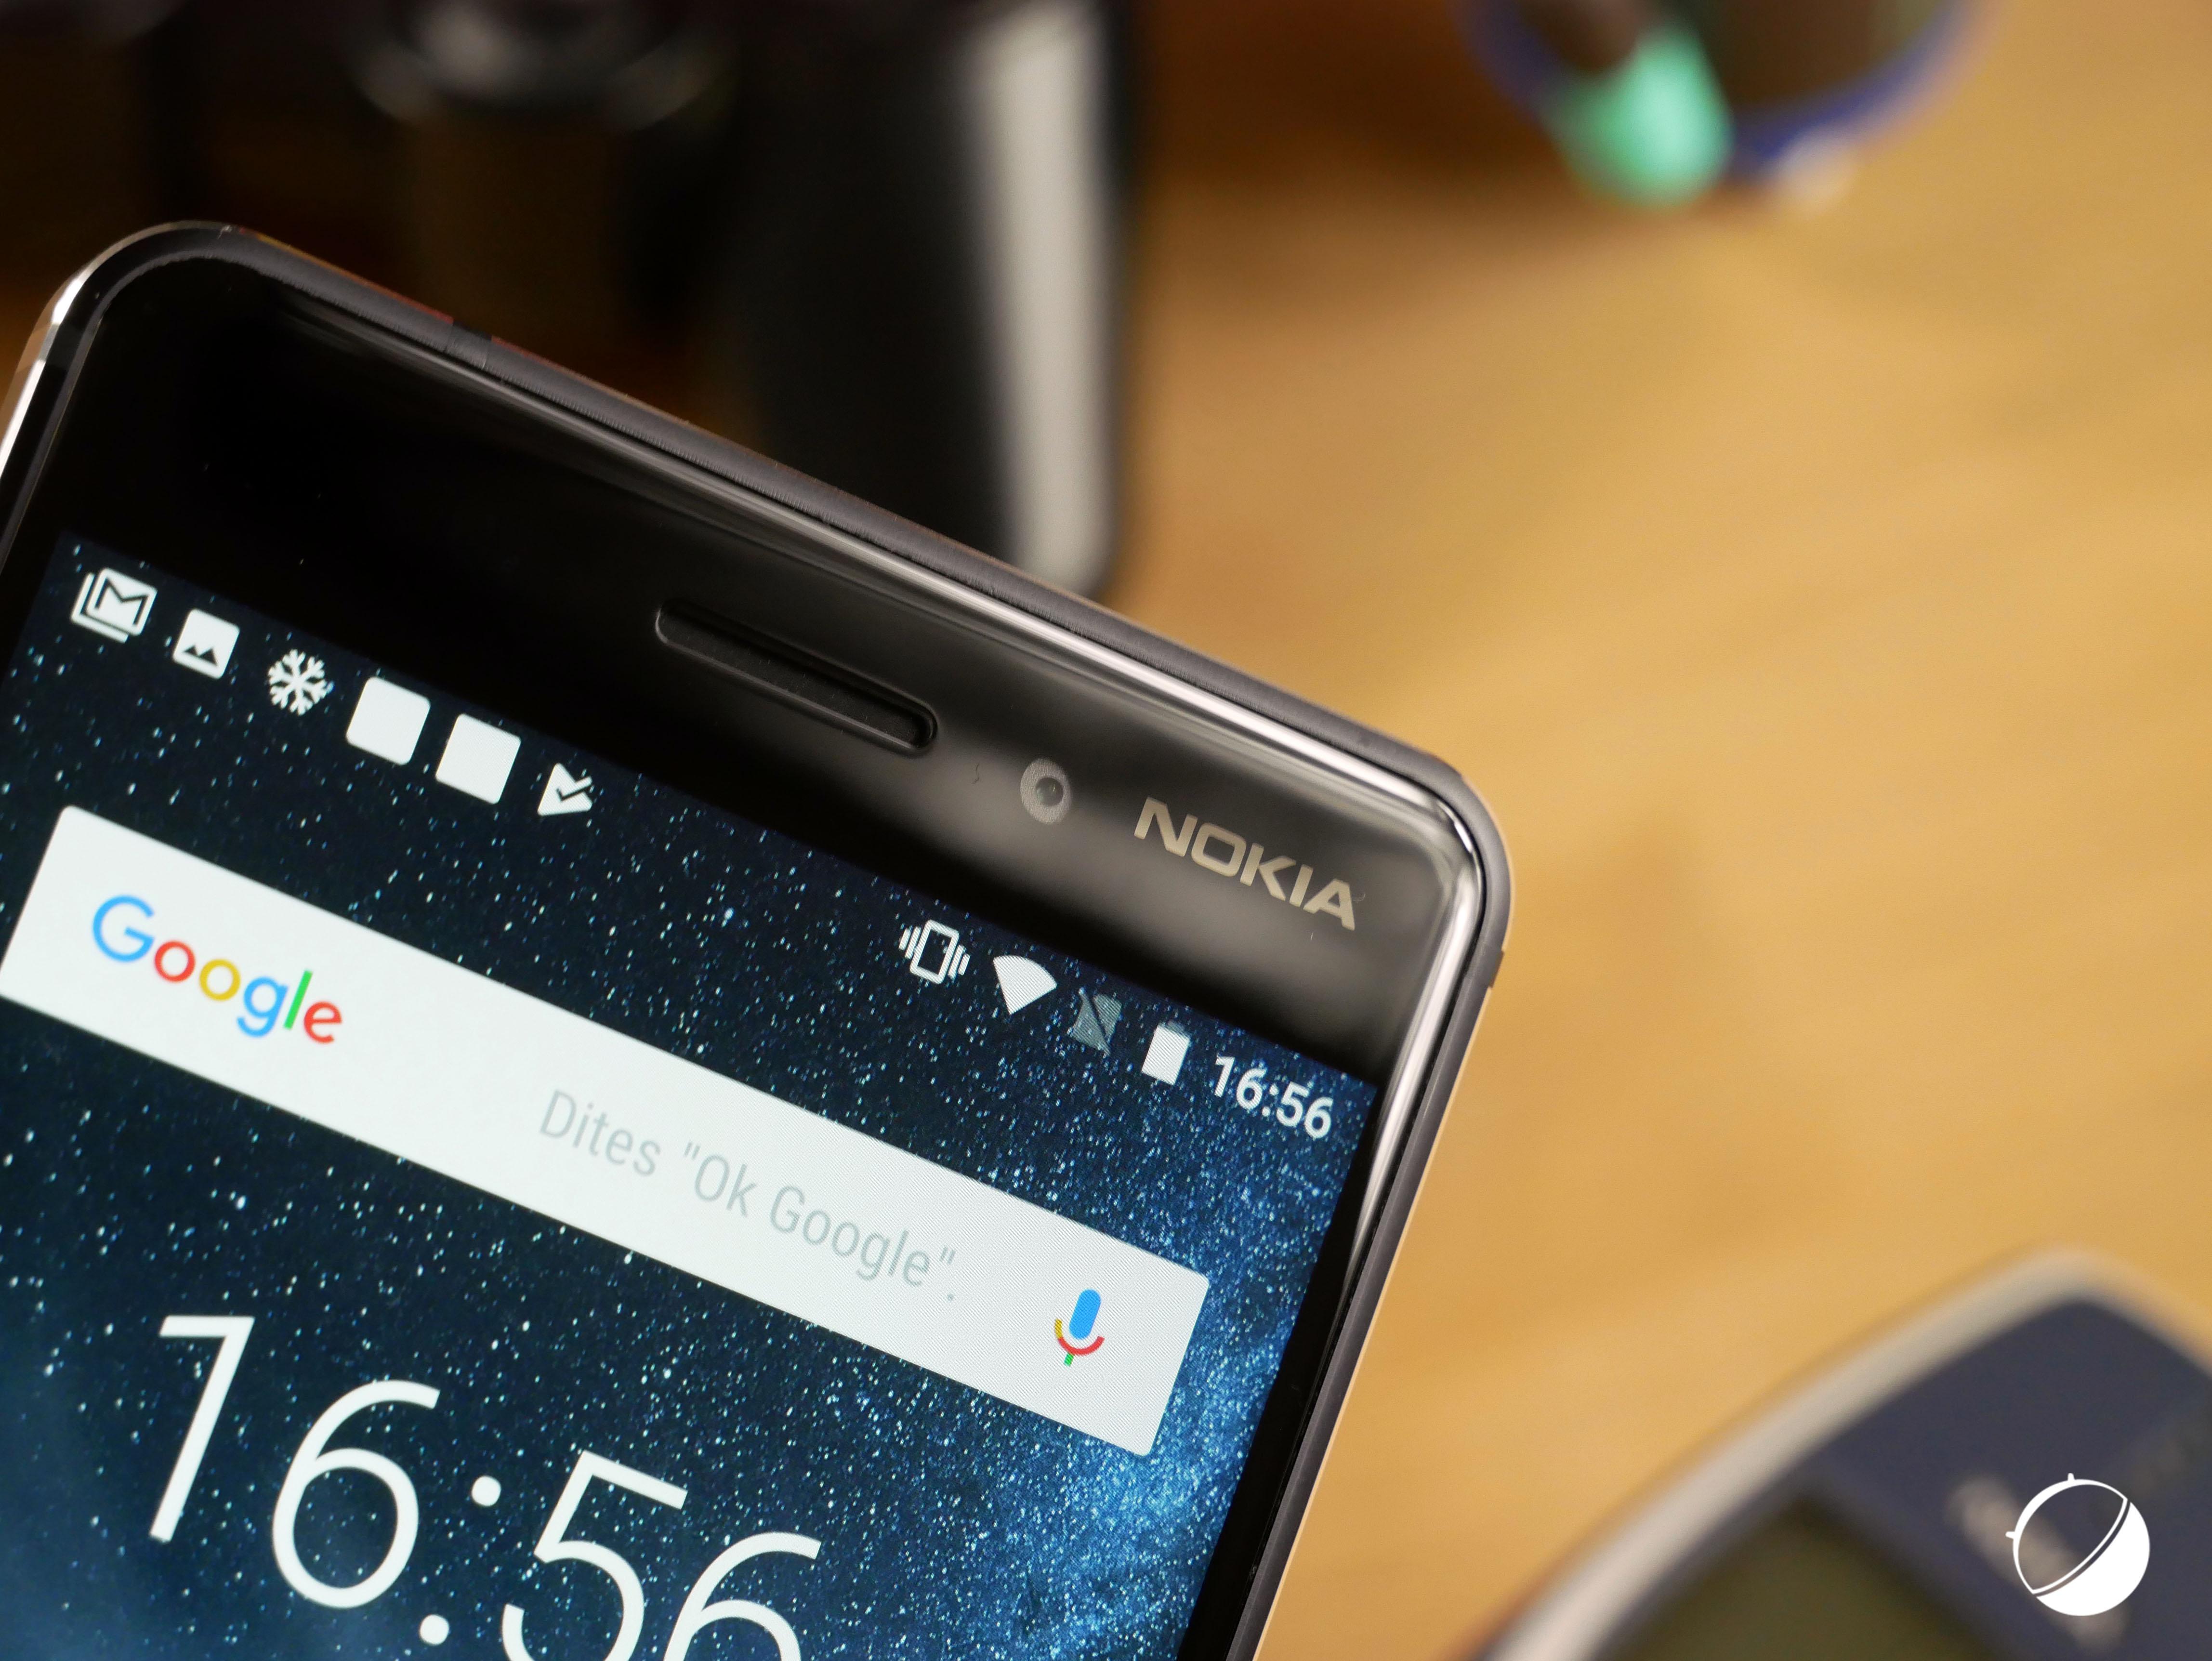 Le Nokia 6 (2018) pourrait être officialisé dans les jours qui viennent